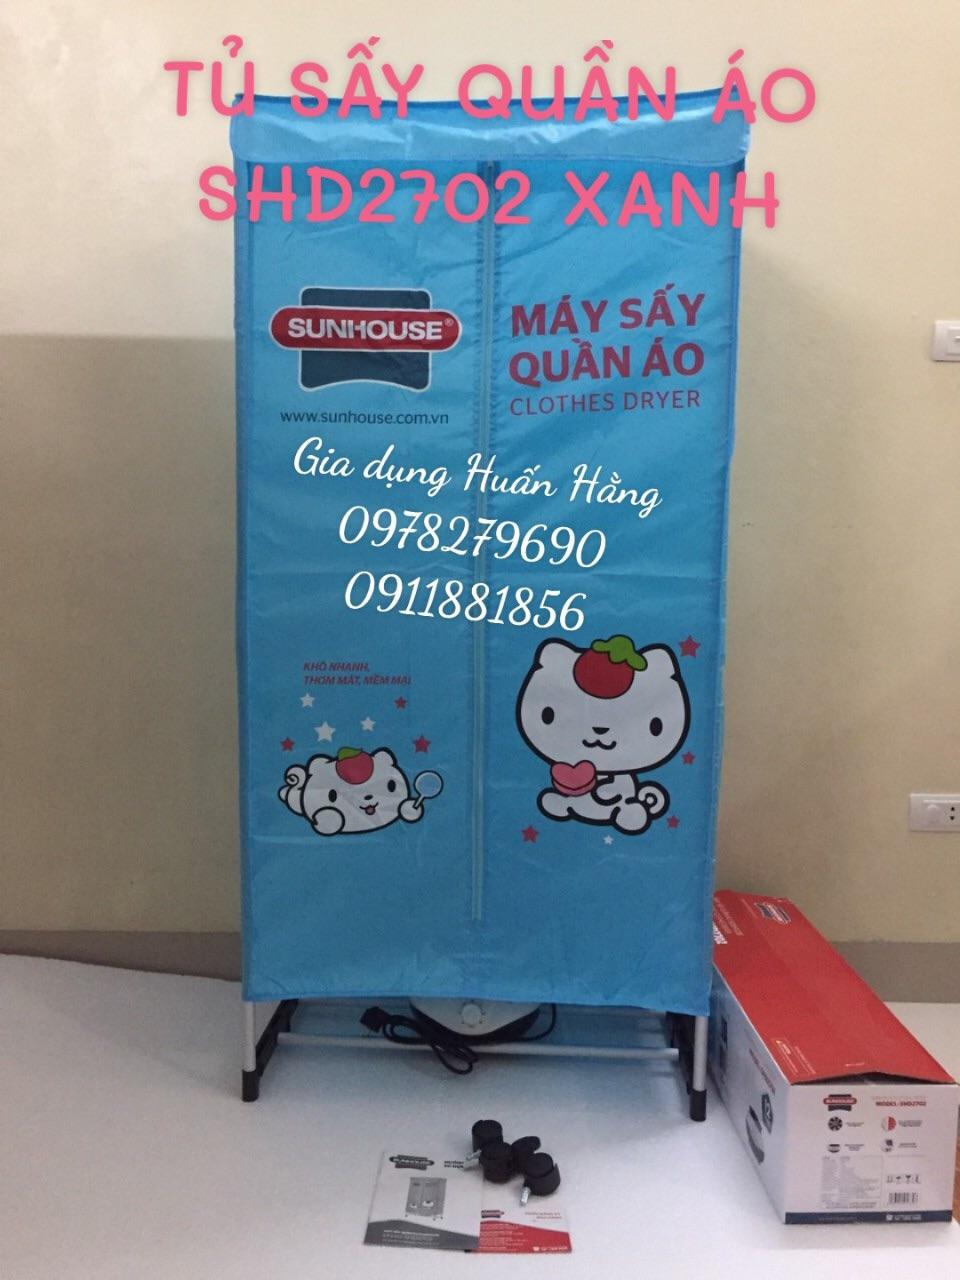 ⭐TỦ SẤY QUẦN ÁO SUNHOUSE SHD2702 CÓ UV DIỆT KHUẨN: Mua bán trực tuyến Máy  sấy với giá rẻ